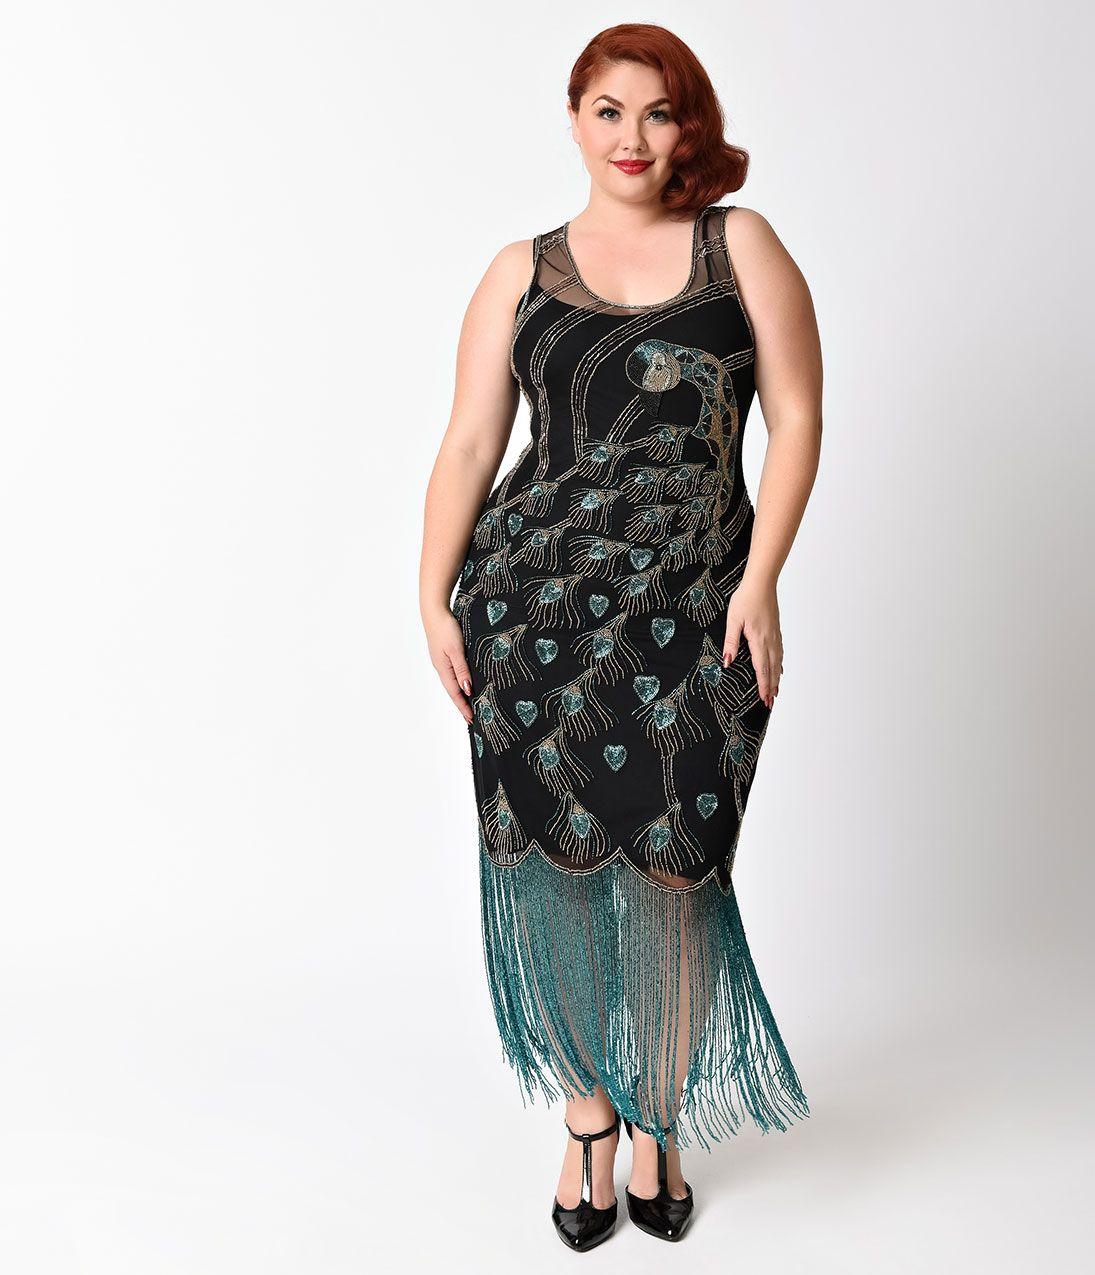 Plus Size Vintage Dresses, Plus Size Retro Dresses   Plus ...